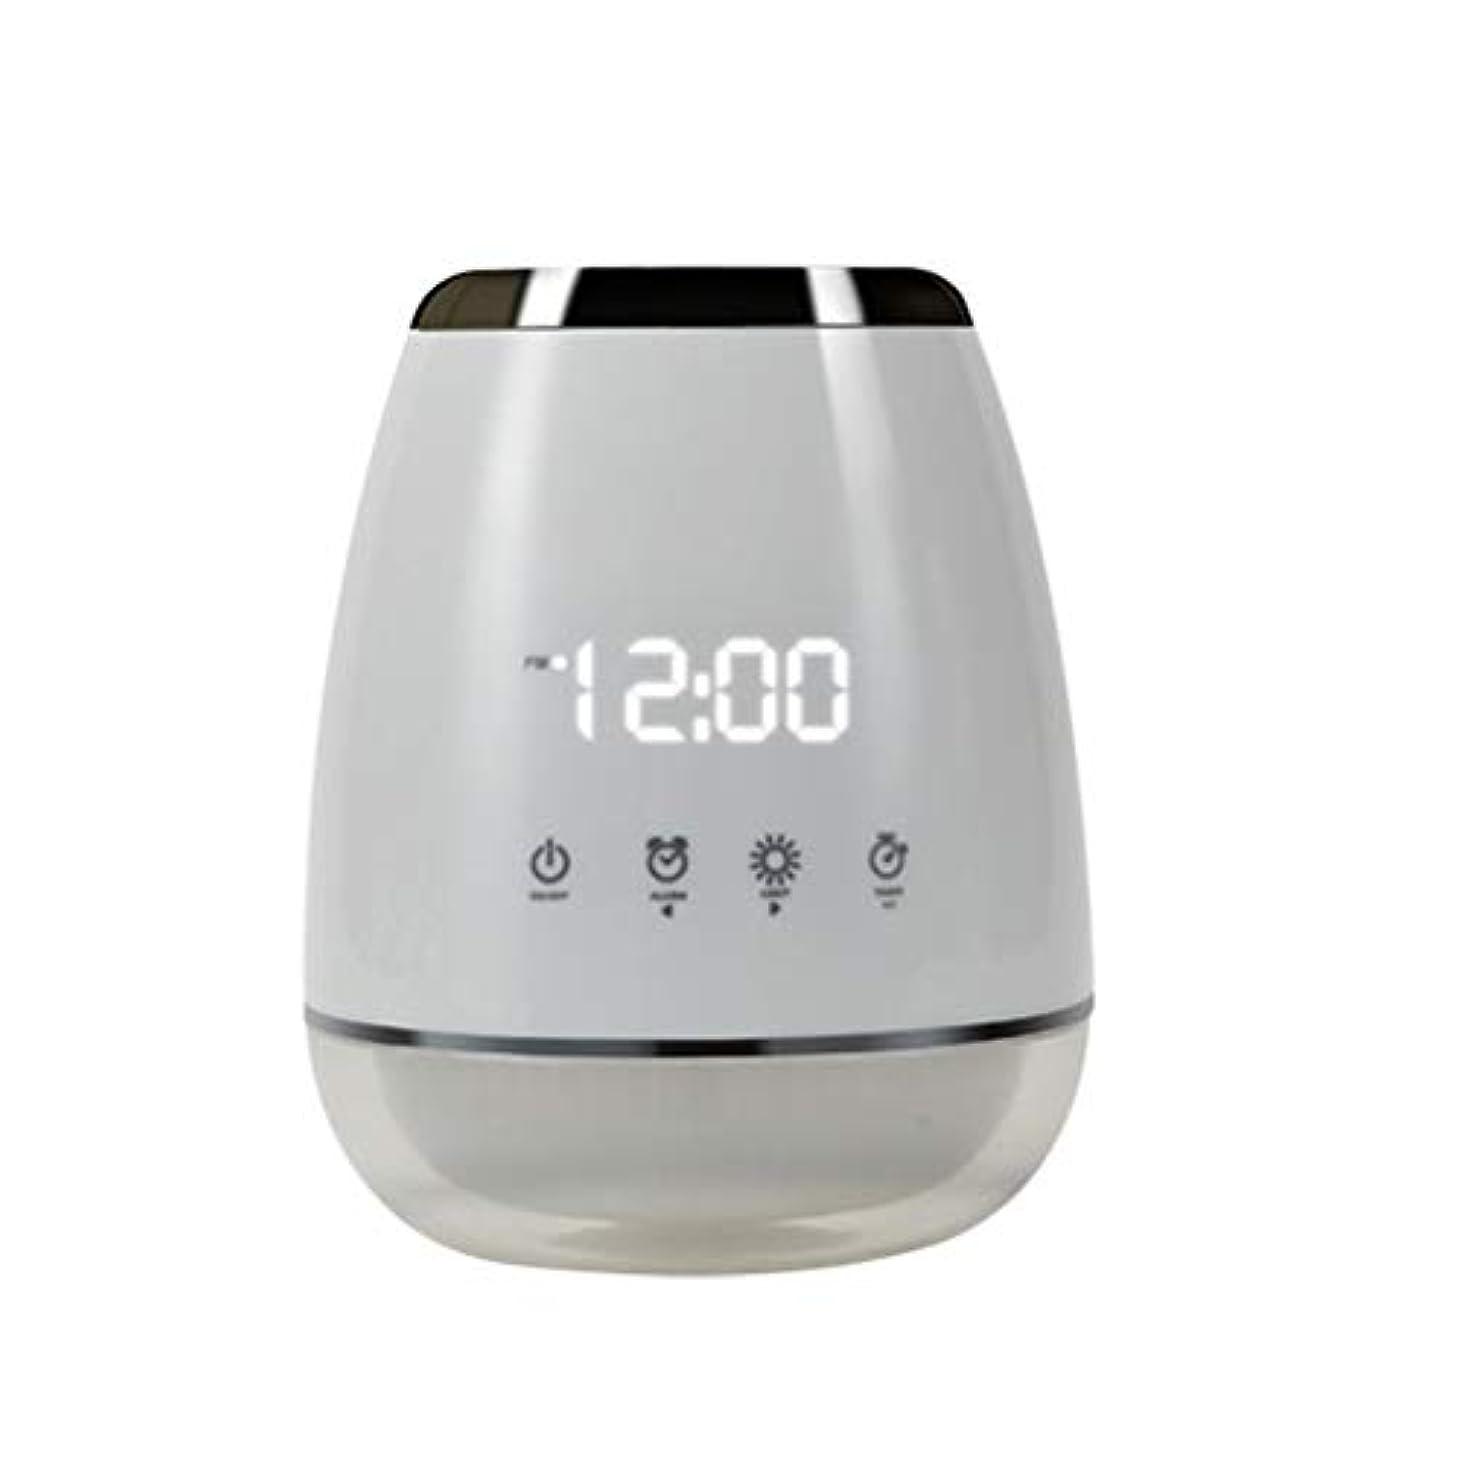 何故なの過去お祝いエッセンシャルオイル アロマディフューザー 空気加湿器 アロマセラップ LED 超音波 クールミスト フォガー 加湿器 ディフューザー スプレー 家庭用 USプラグ付き ホワイト